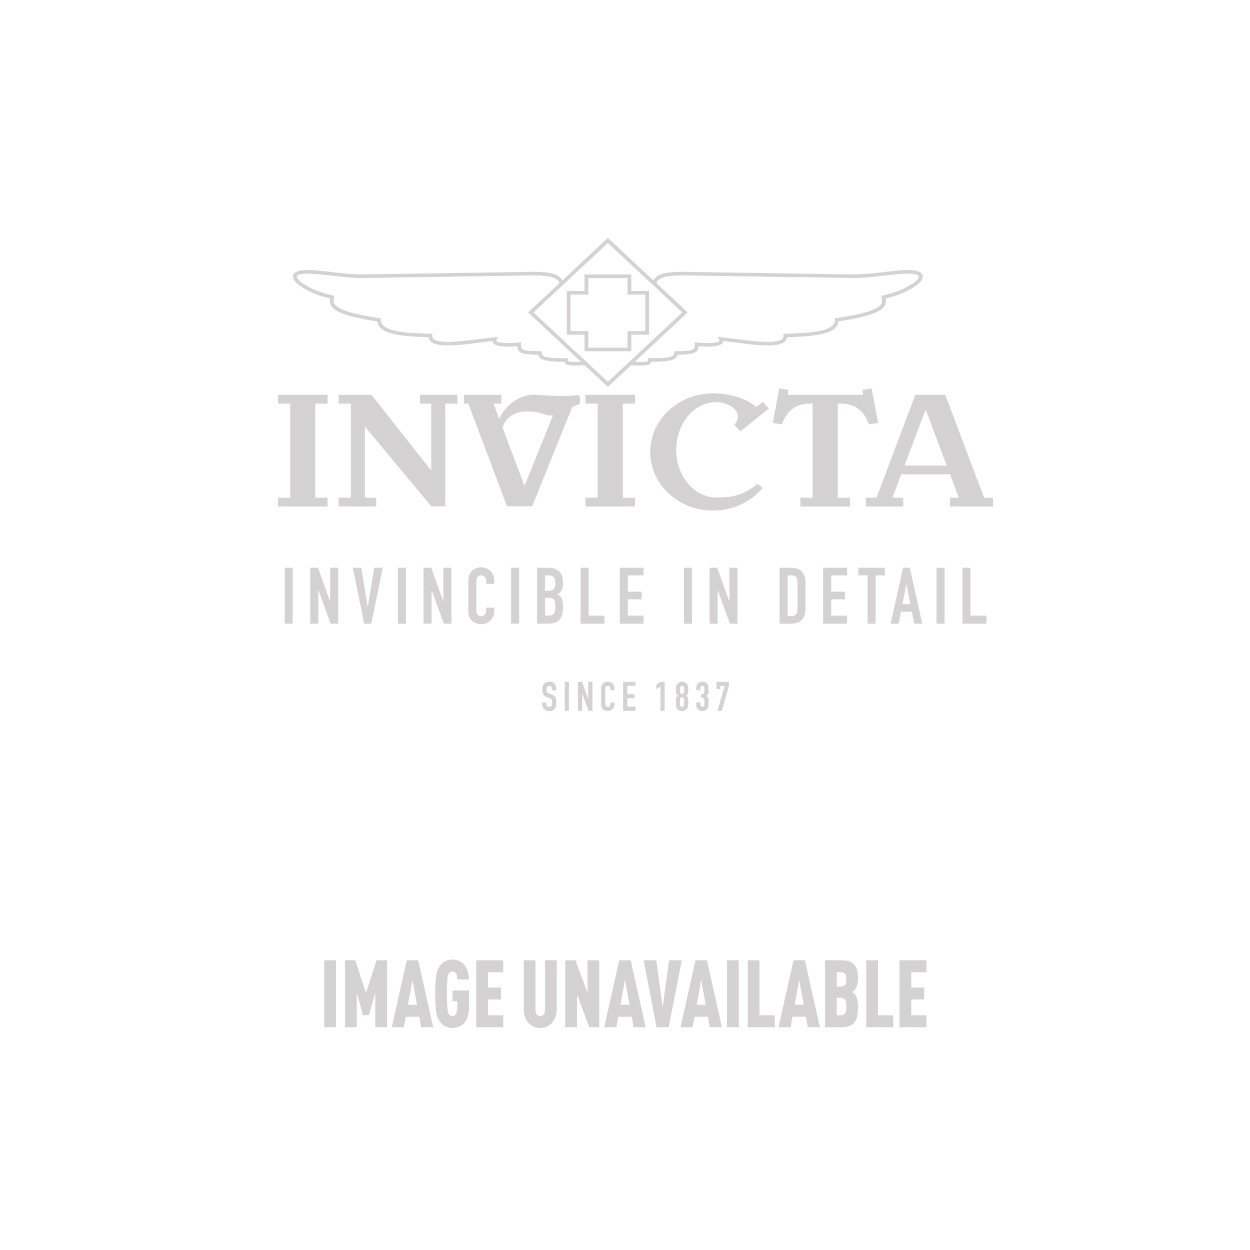 Invicta Model 25026